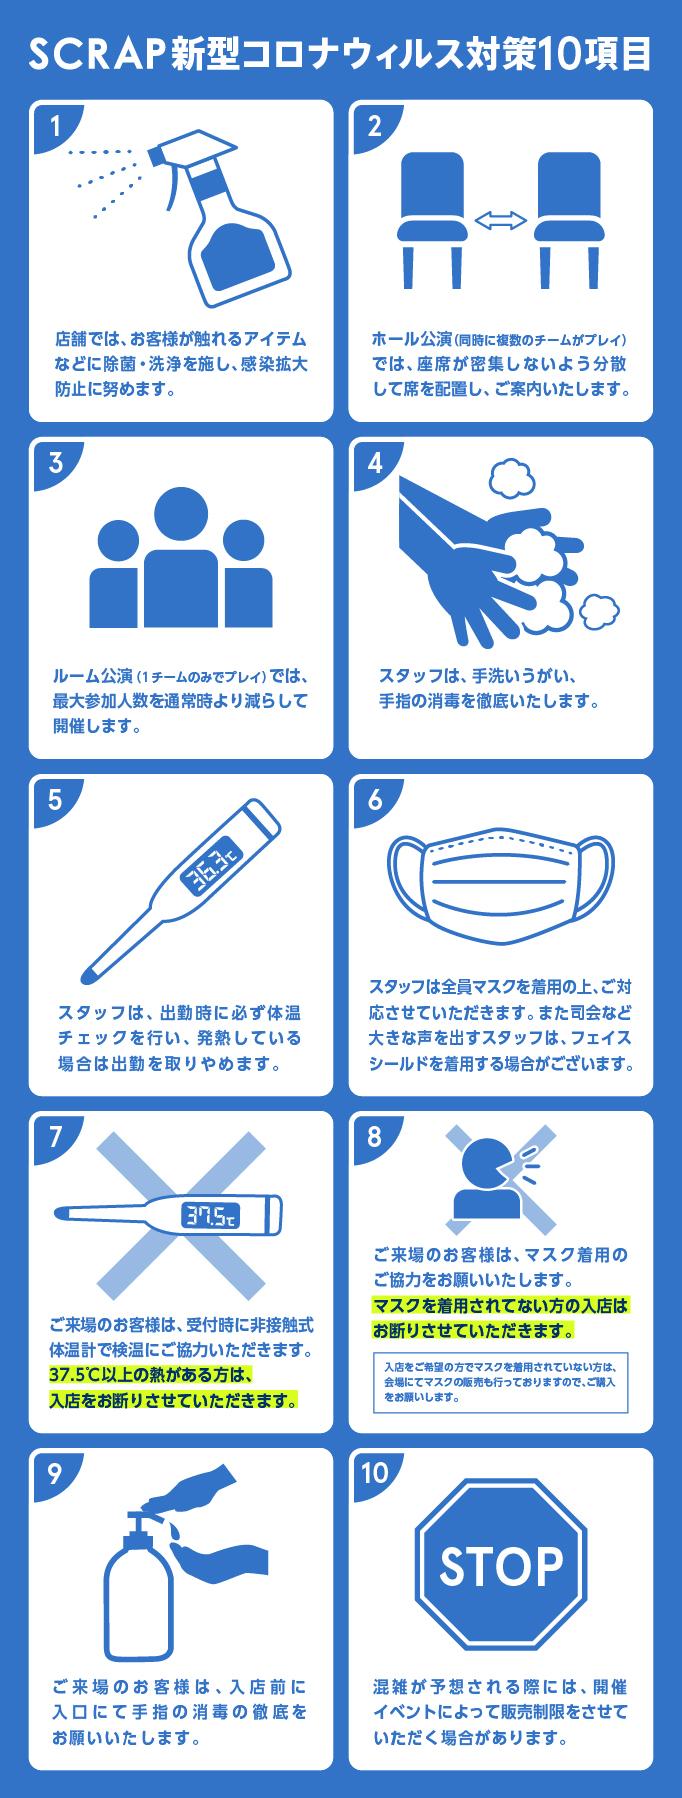 コロナ対策10箇条イラスト.jpg